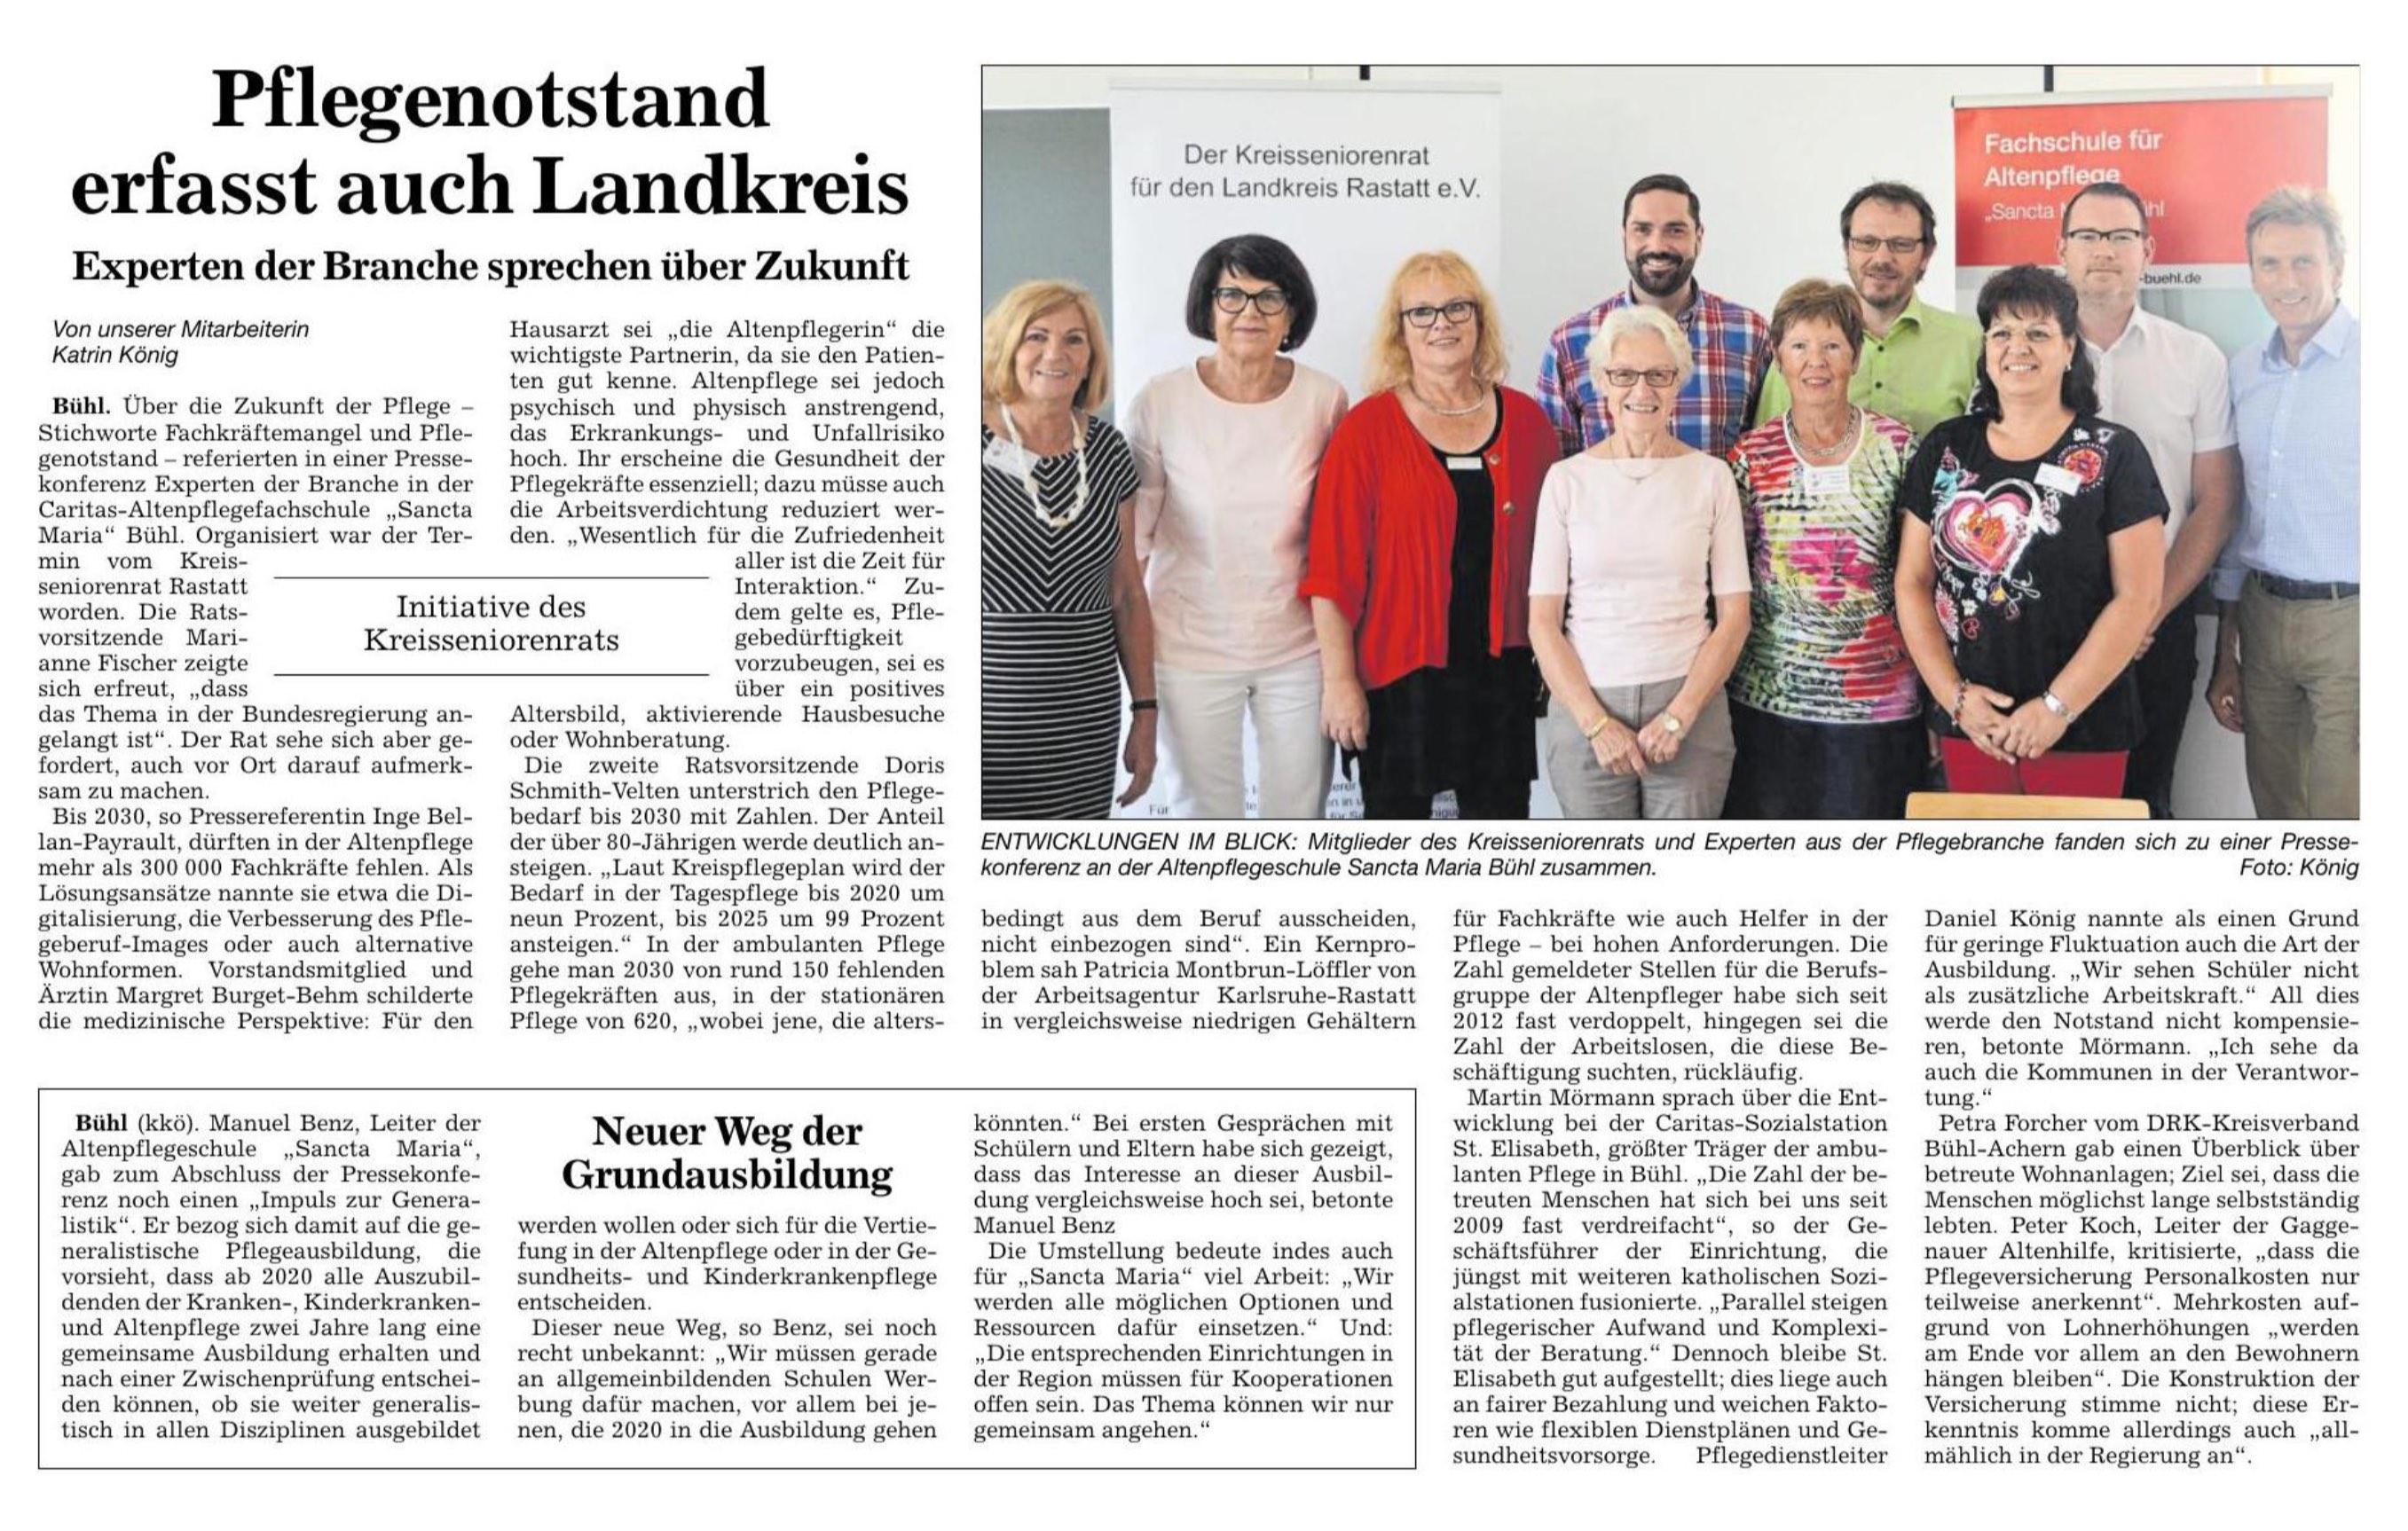 Badische Neueste Nachrichten | Acher- und Bühler Bote | BÜHL | 24.07.2018